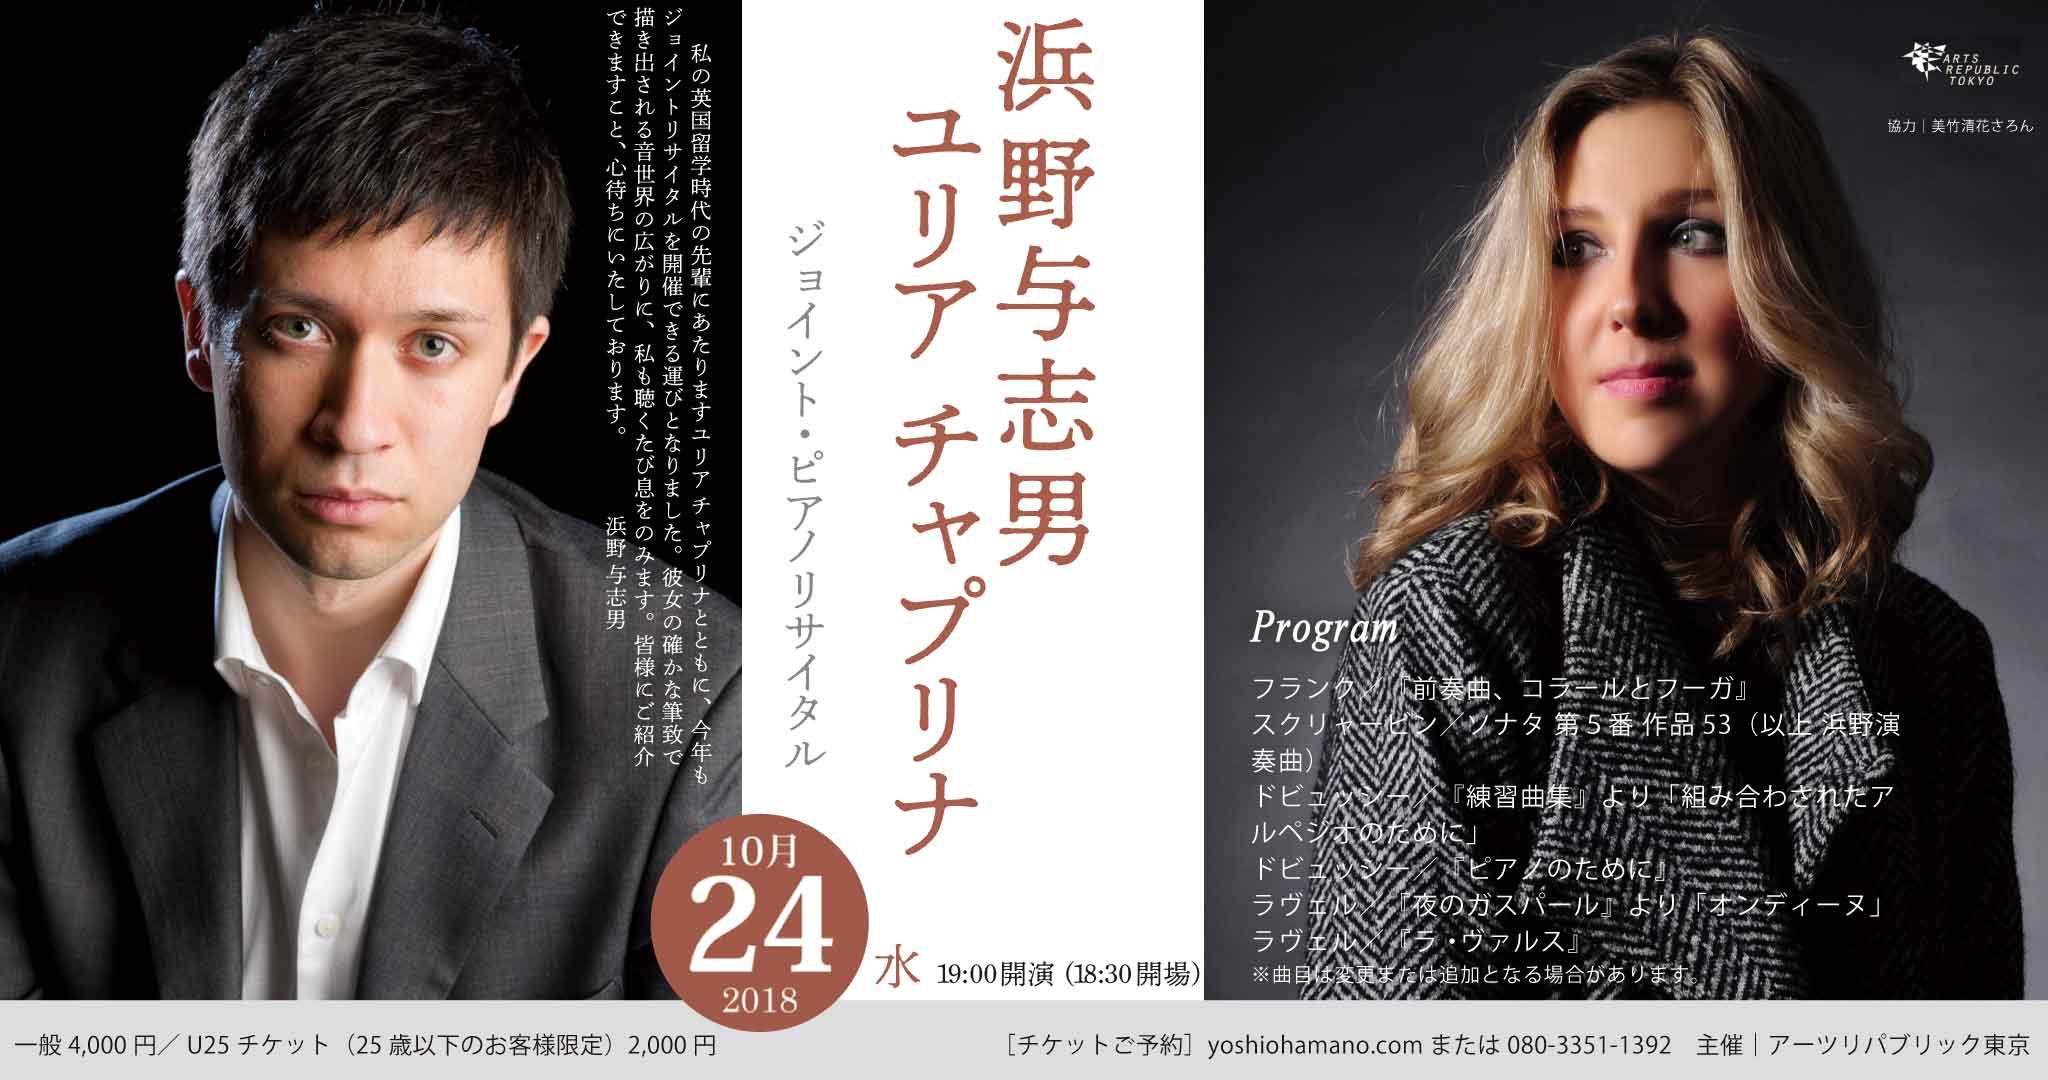 10 月24日 19:00~ 浜野与志男&ユリアチャプリナ ジョイントピアノコンサート